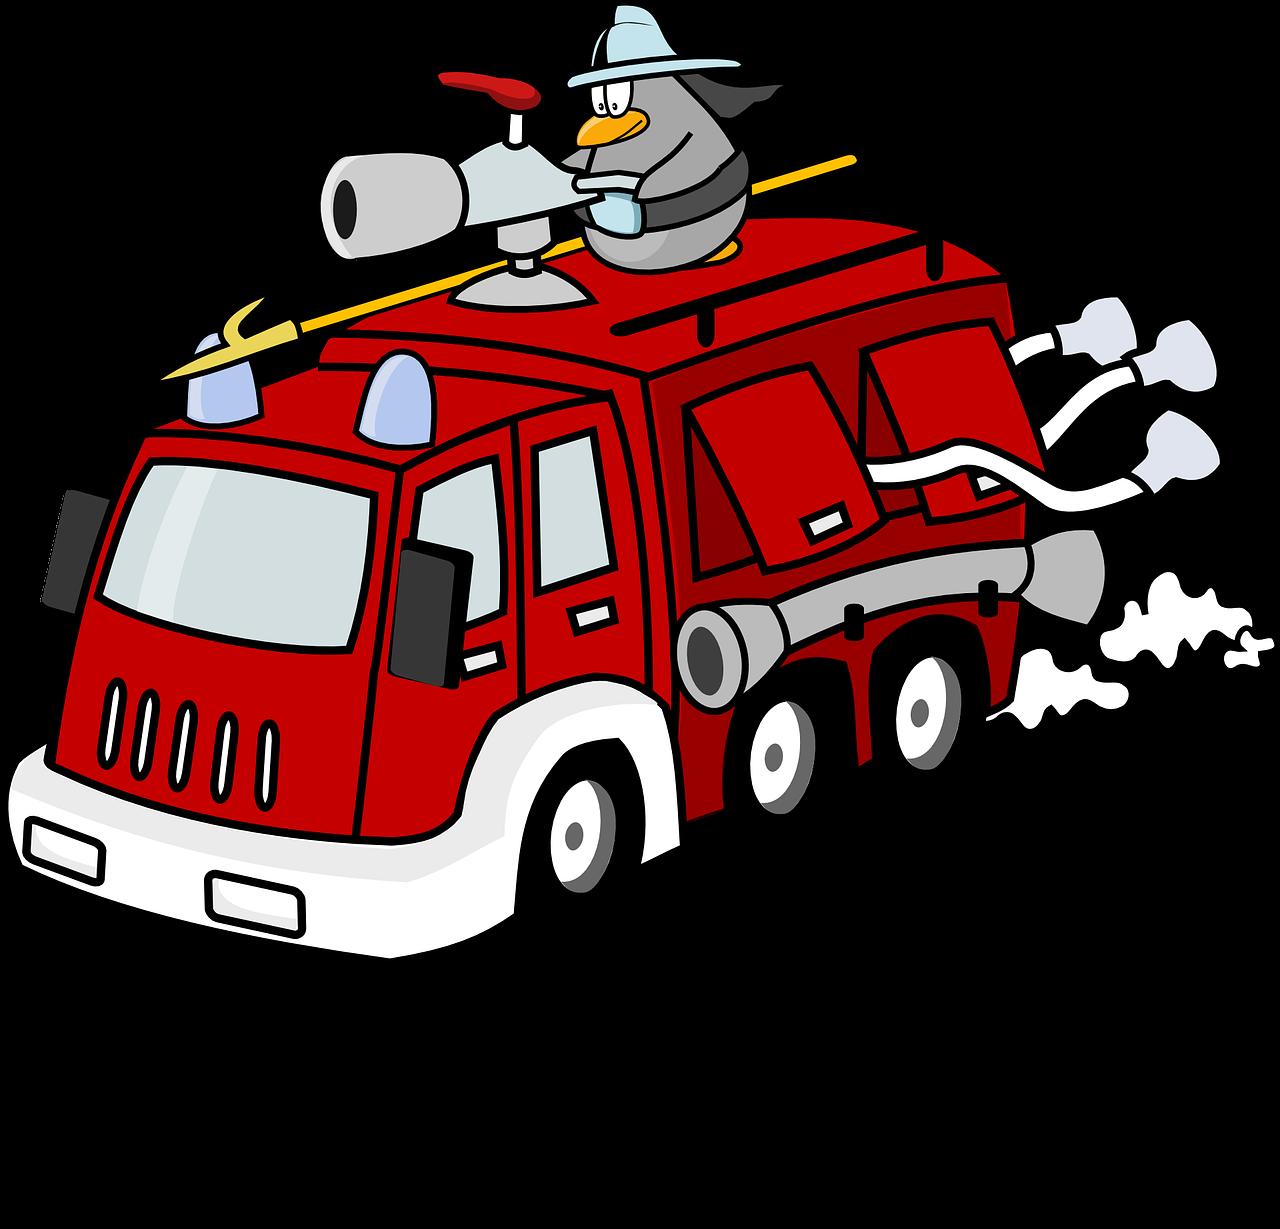 Pemadam Kebakaran Pertempuran Truk Gambar Vektor Gratis Di Pixabay